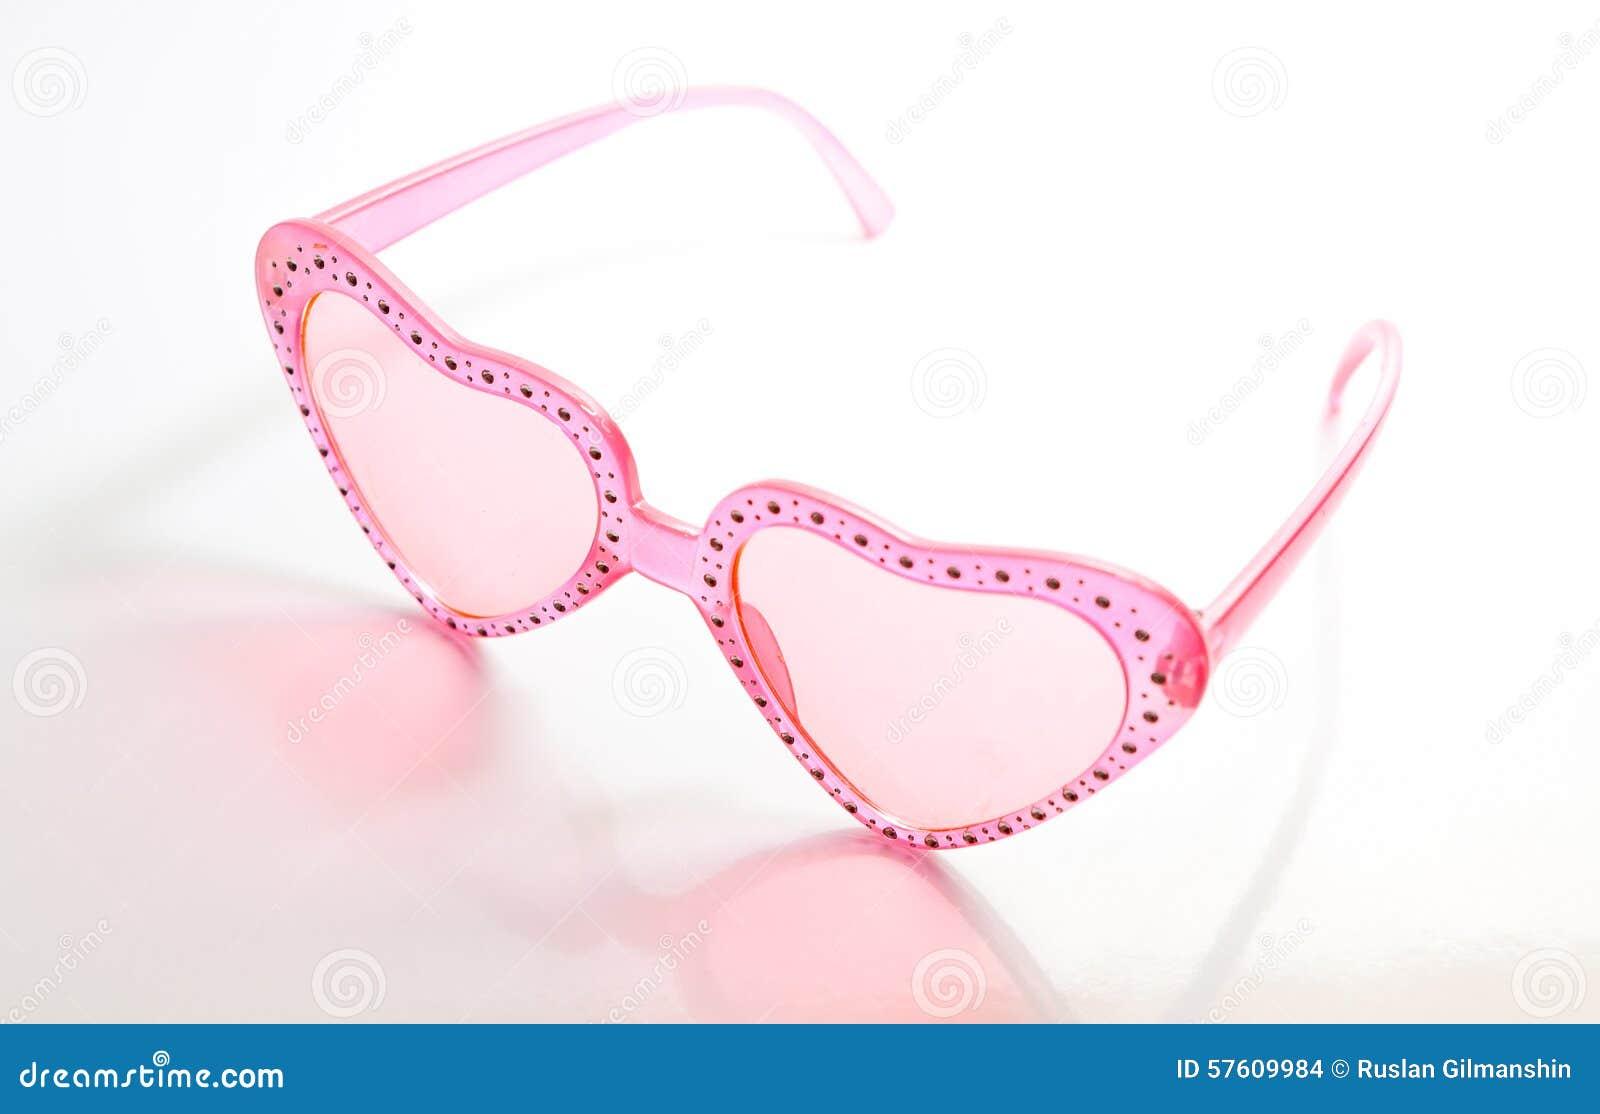 Rosa Hjärta Formad Solglasögon På Vit Bakgrund Arkivfoto